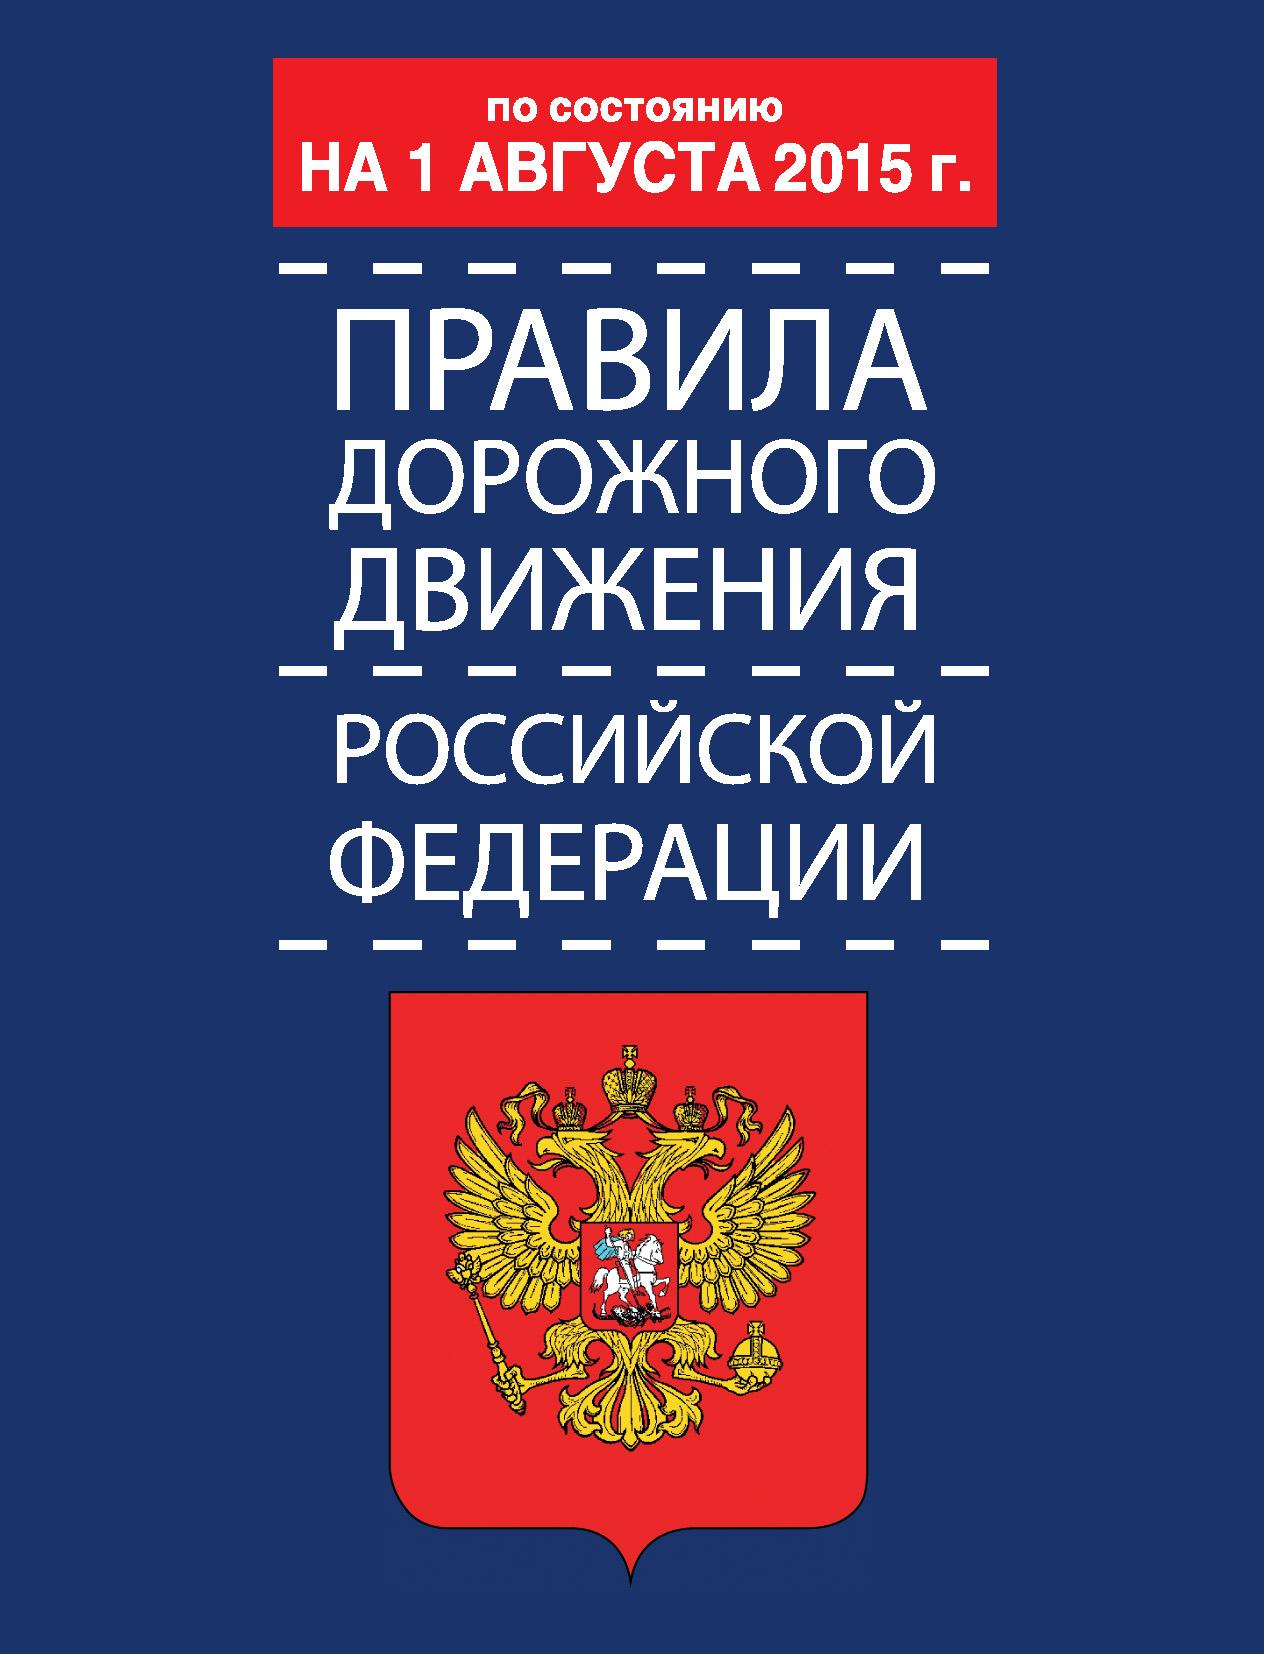 Отсутствует Правила дорожного движения Российской Федерации по состоянию 1 августа 2015 г.